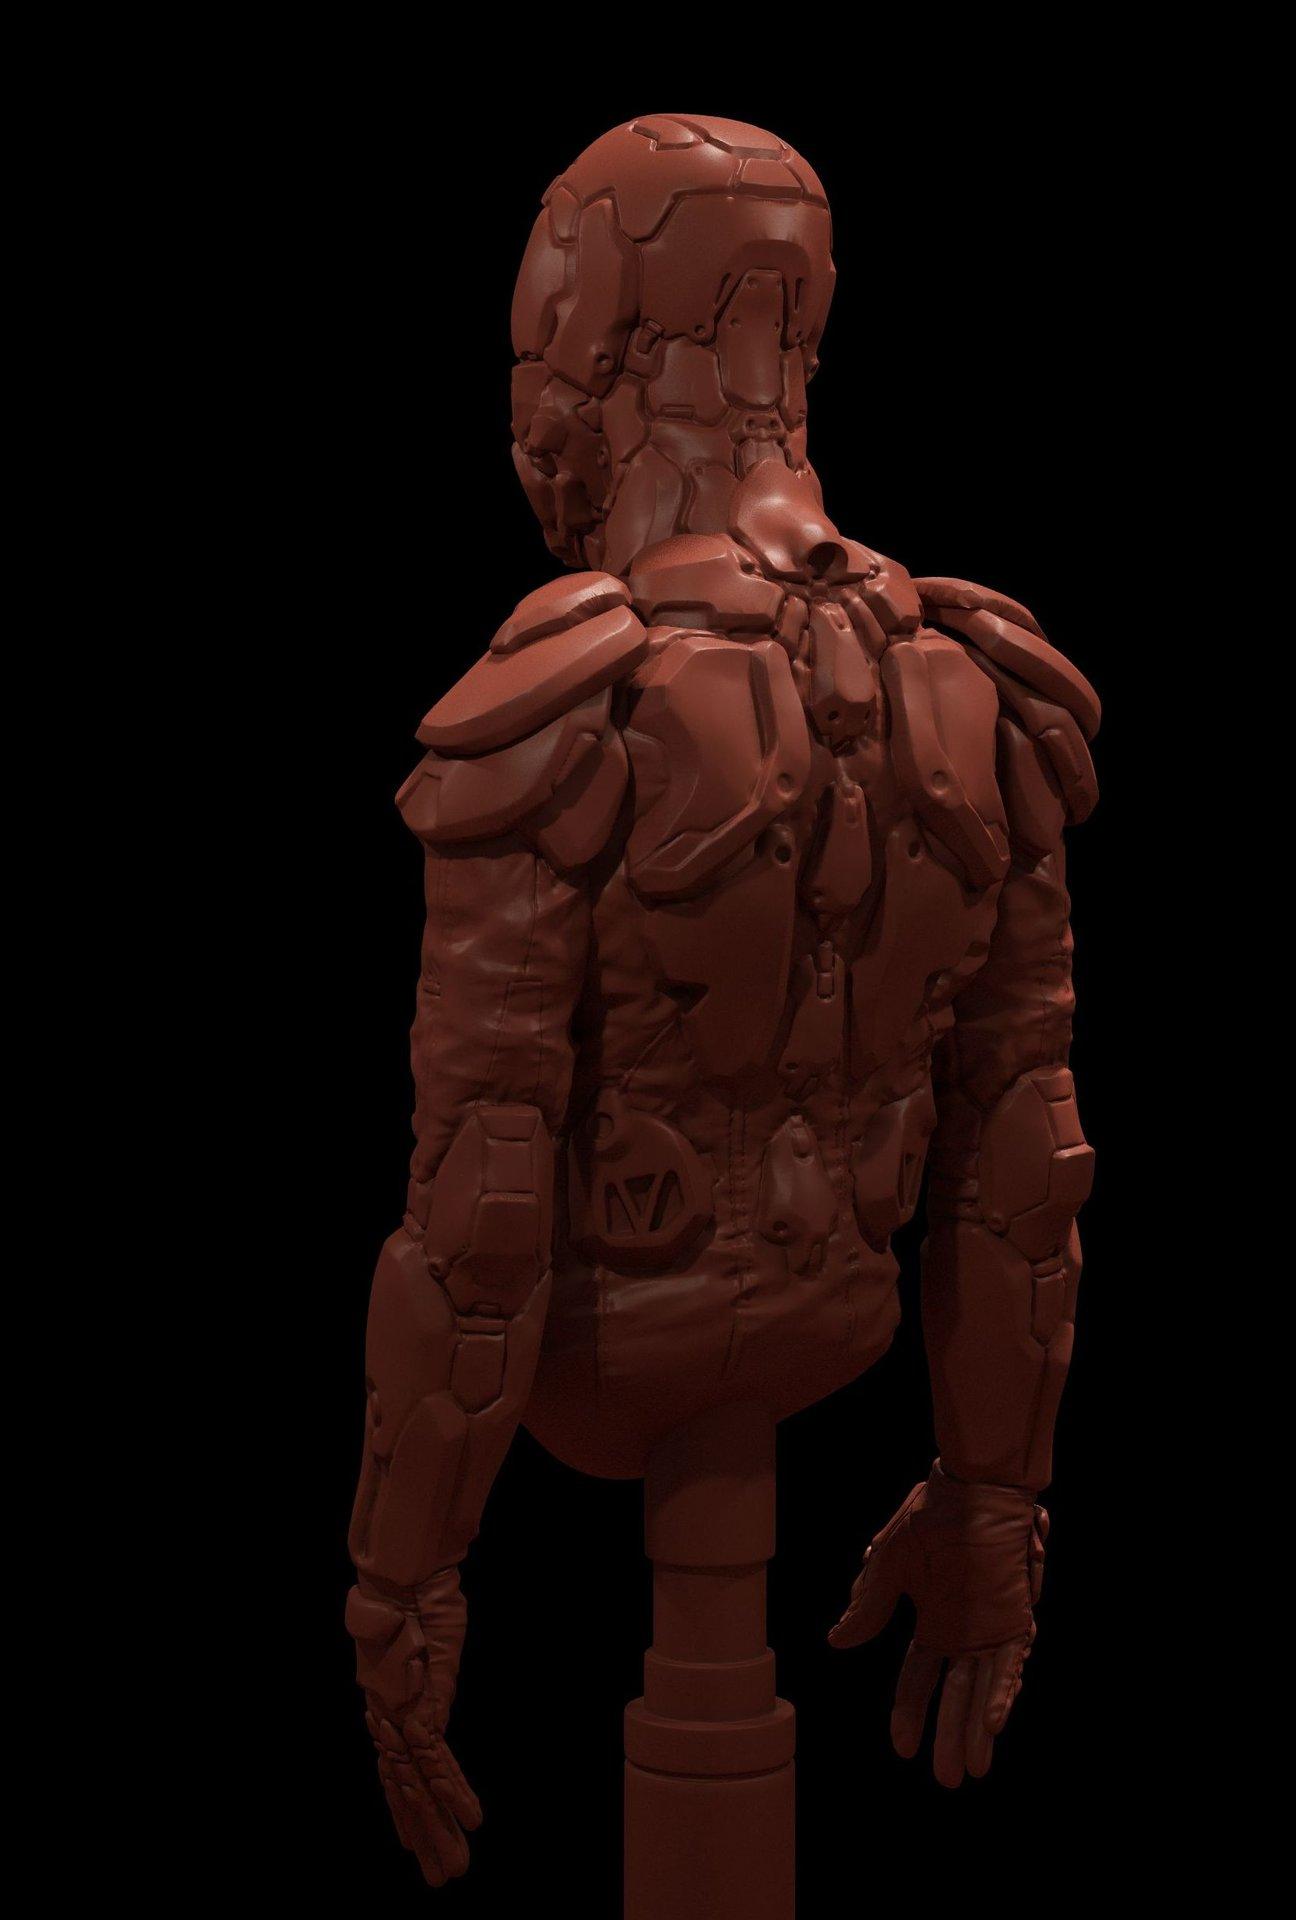 Daniel bystedt scifi armor 0004